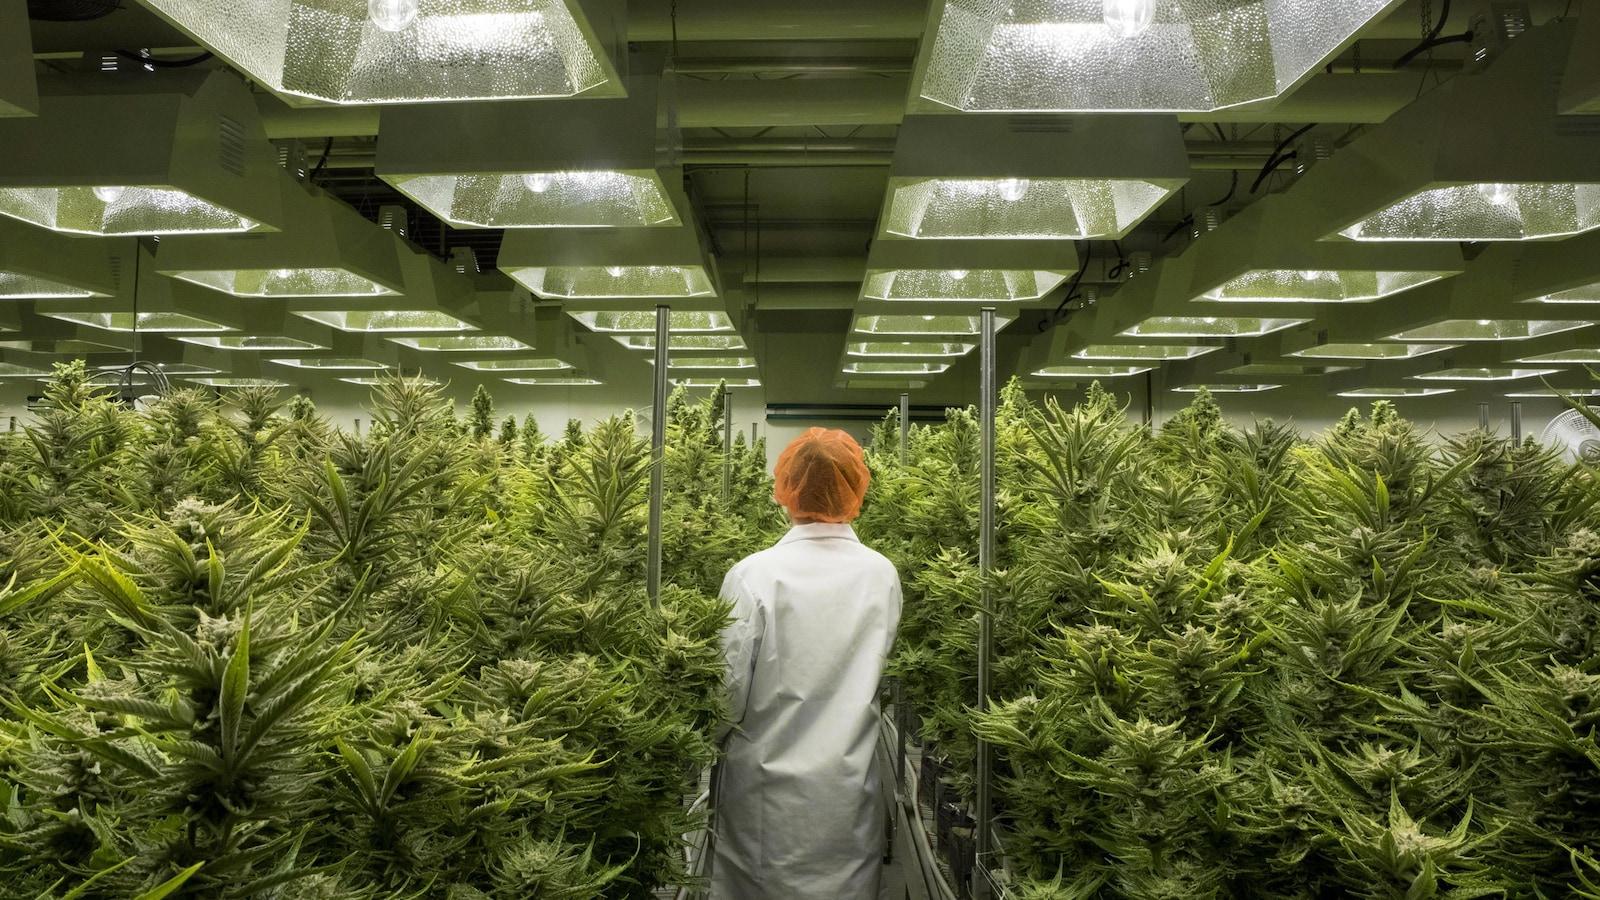 Une femme marche entre des plants de cannabis dans une serre.